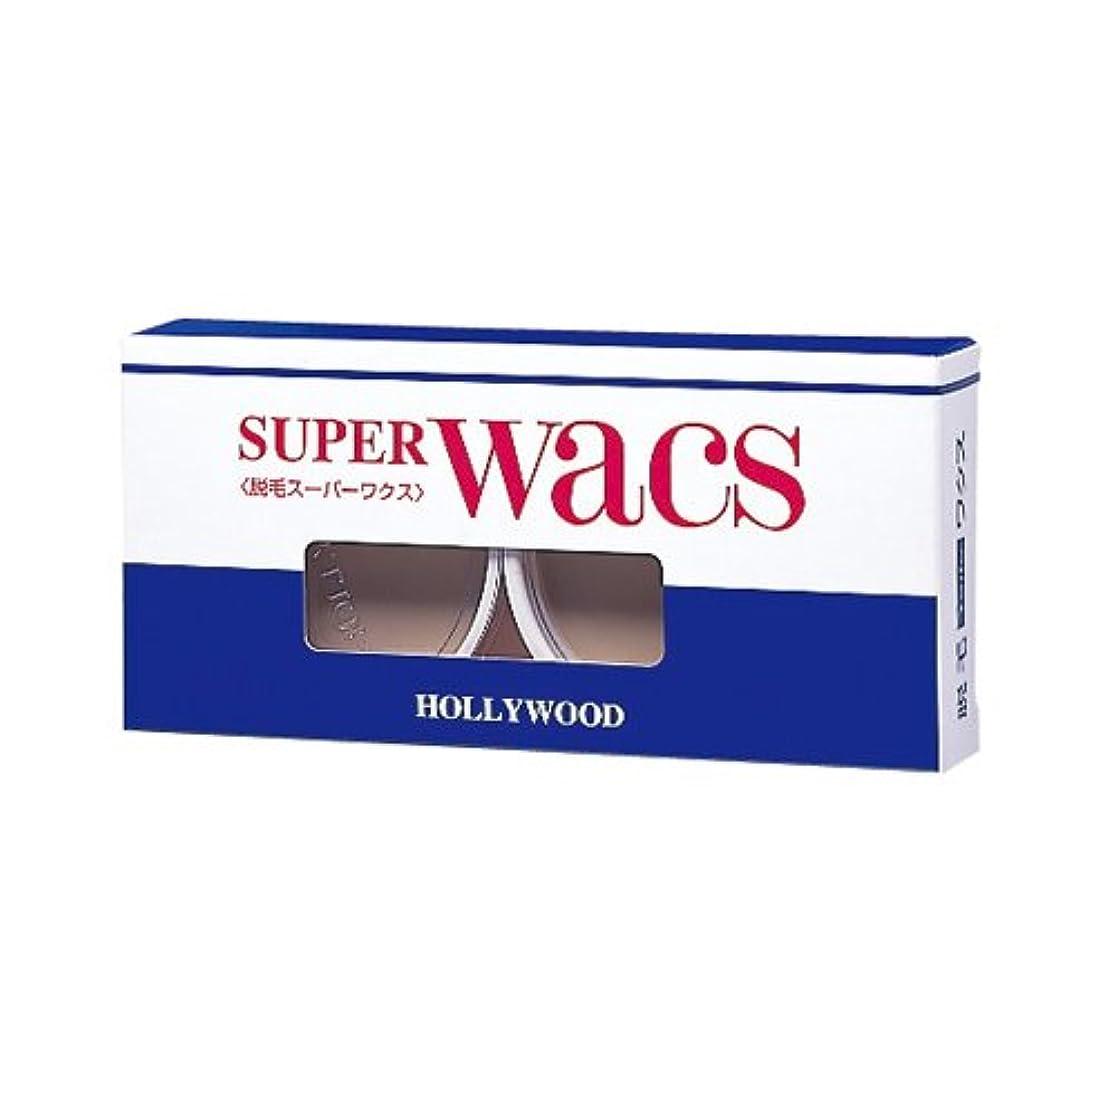 小道教養がある冒険ハリウッド 脱毛スーパーワクス (強力) (50g × 2)